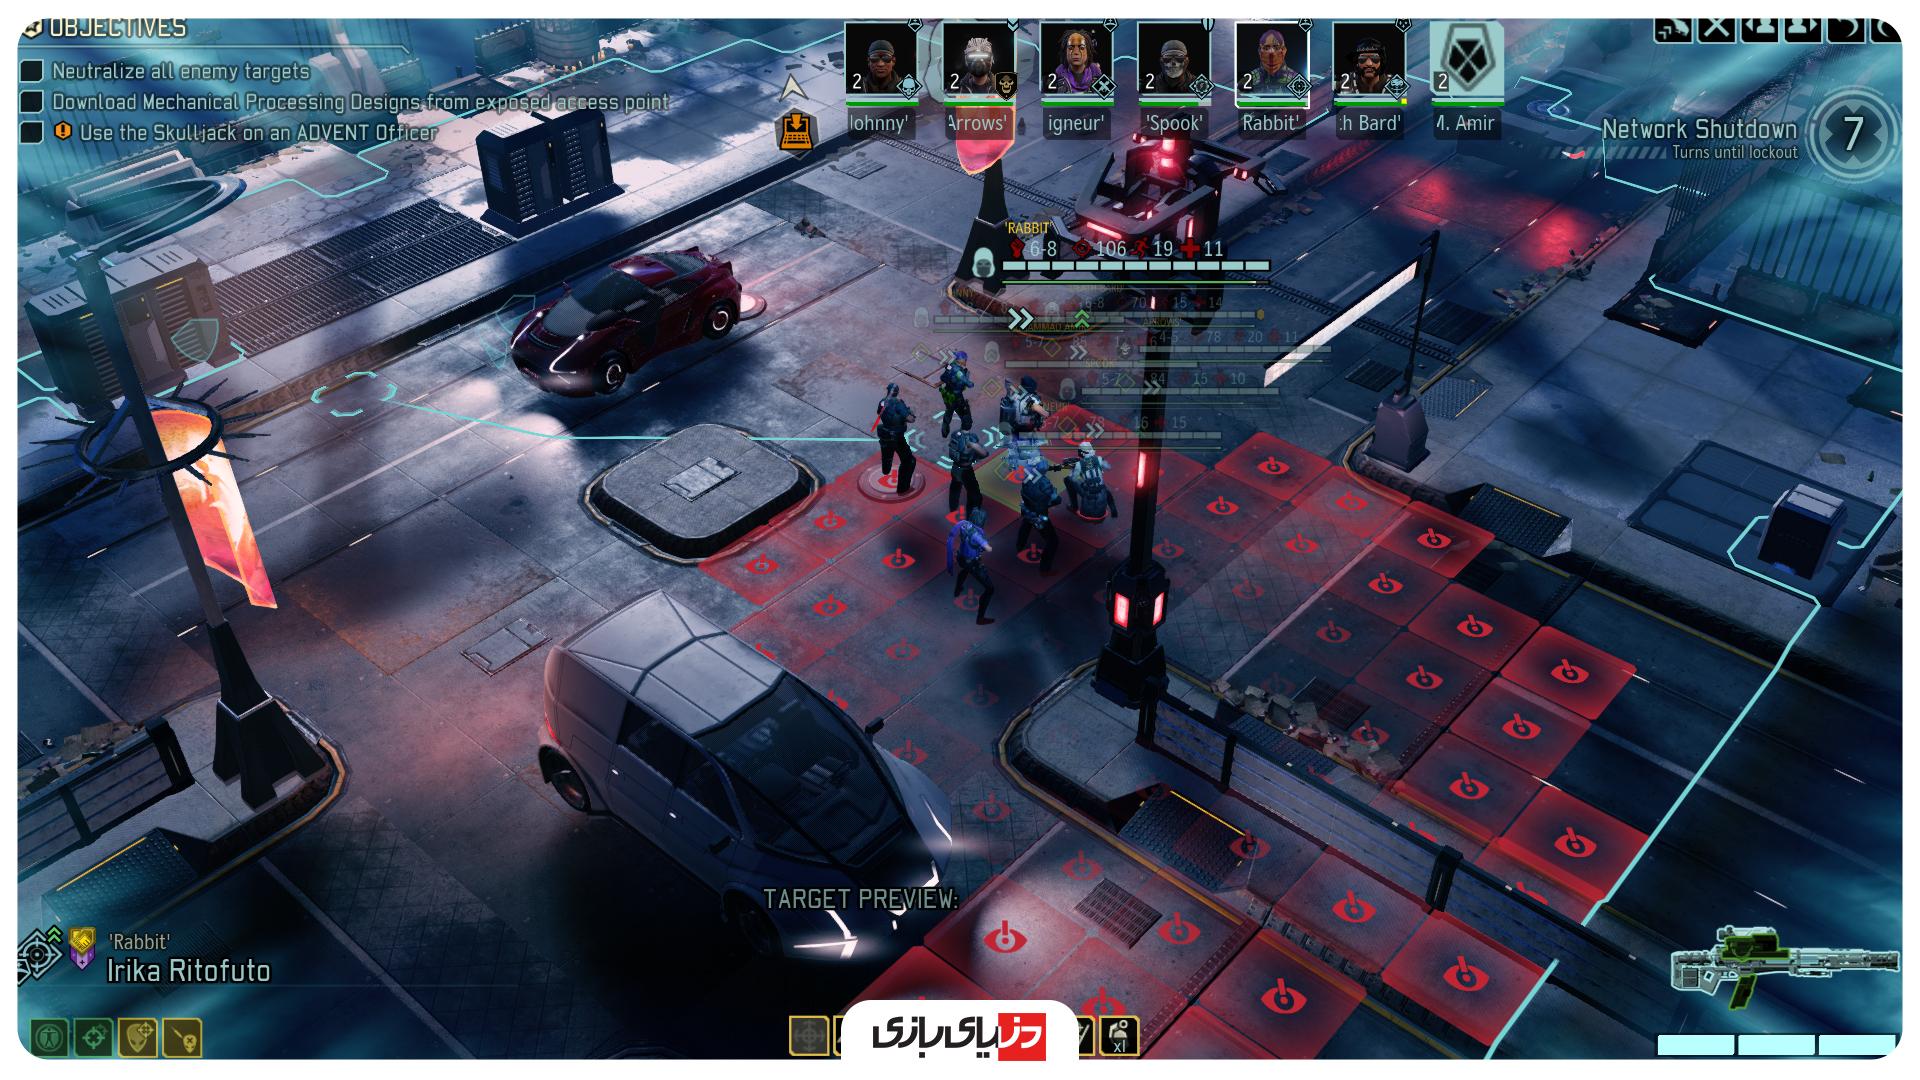 بازی استراتژیکی آنلاین XCOM 2